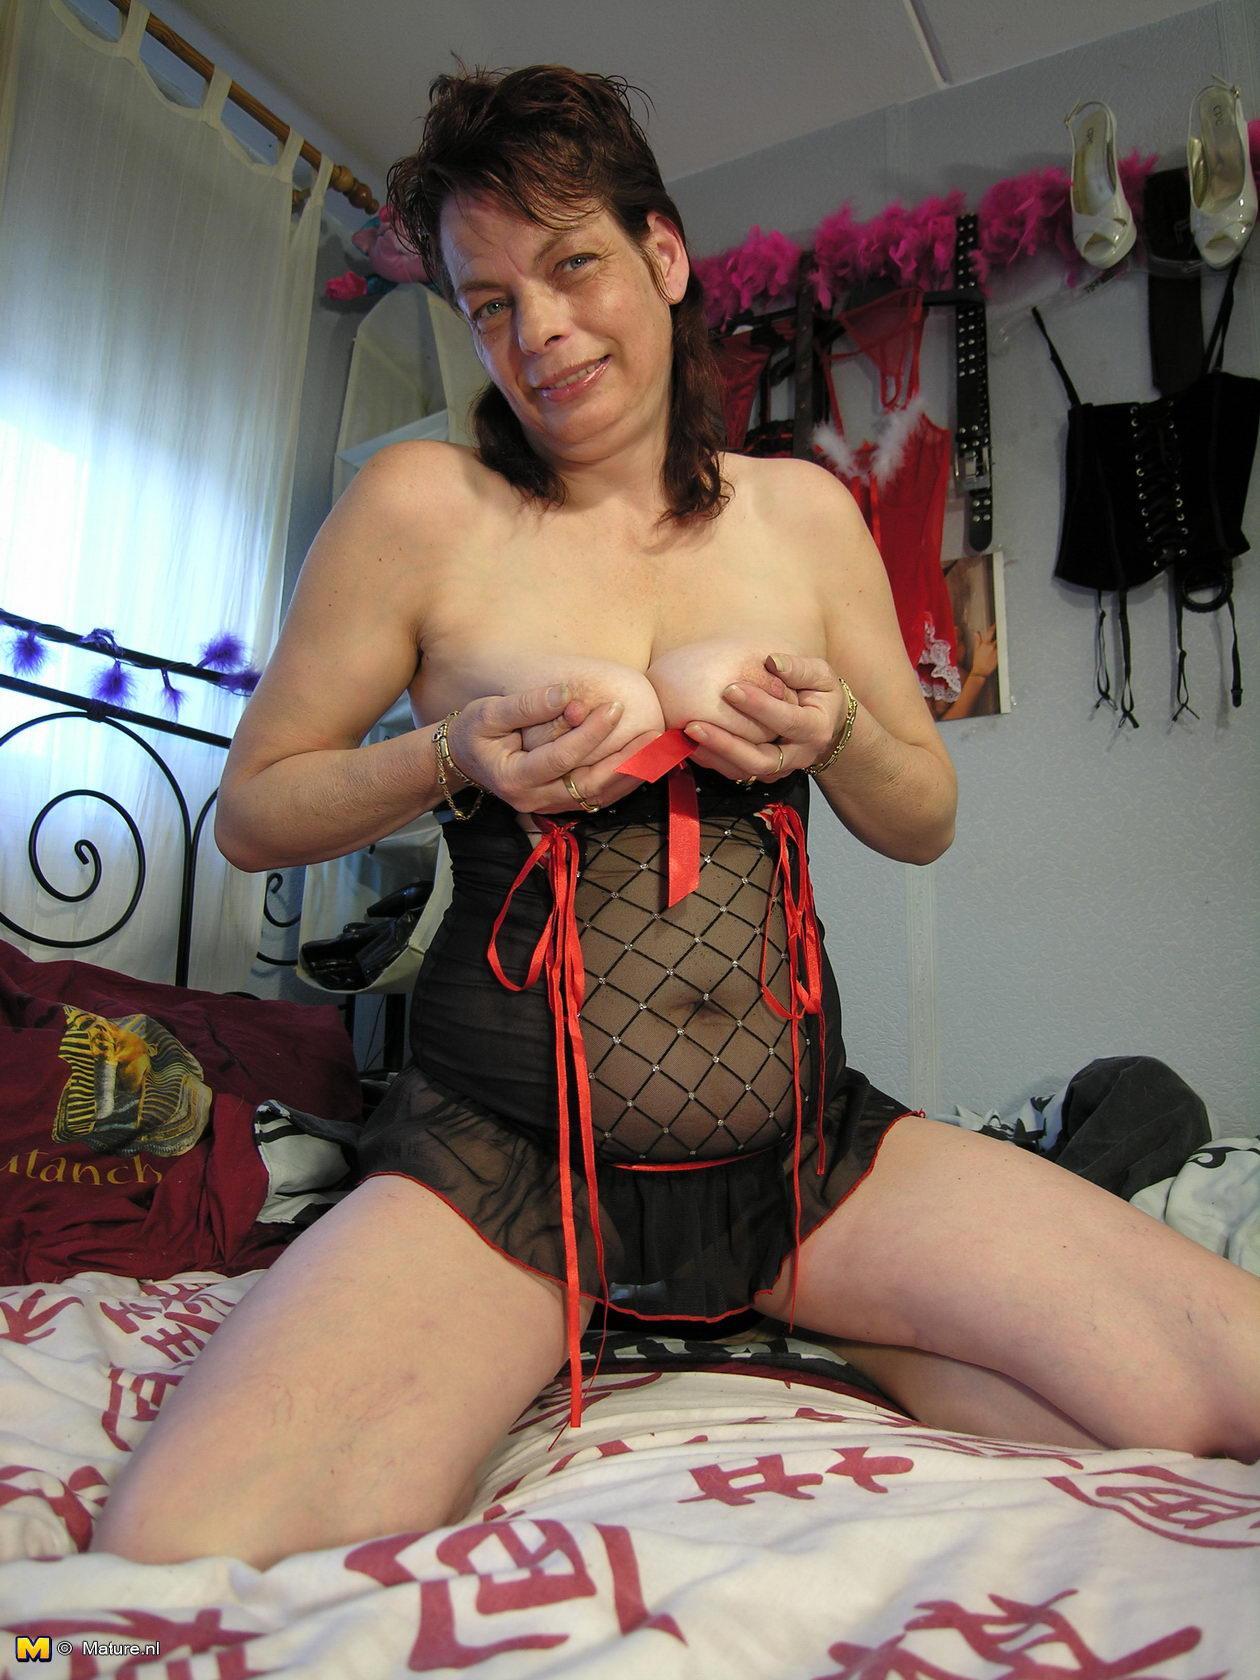 Mature Women Websites 35